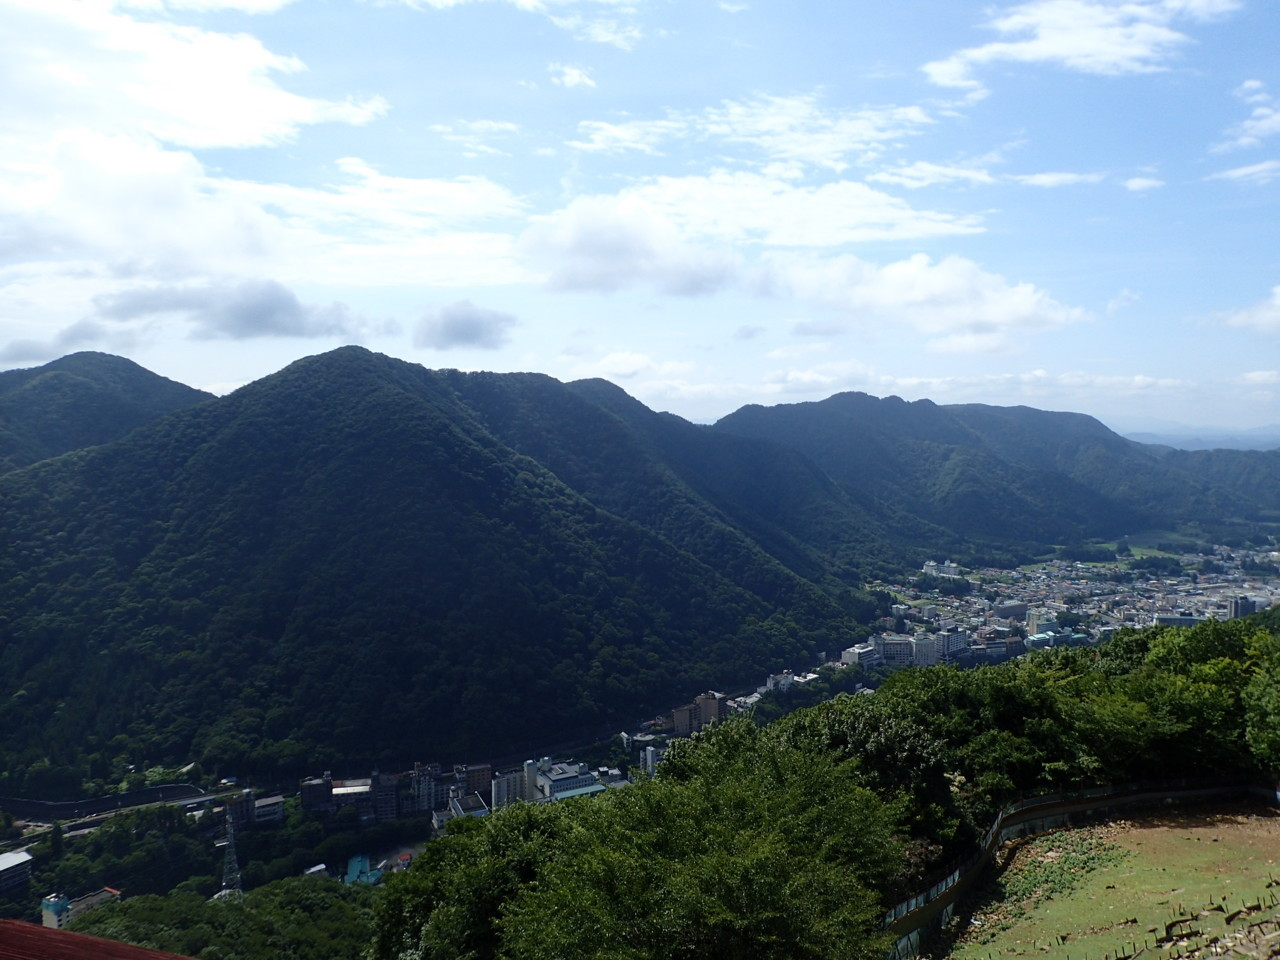 山々@鬼怒川温泉ロープウェイ